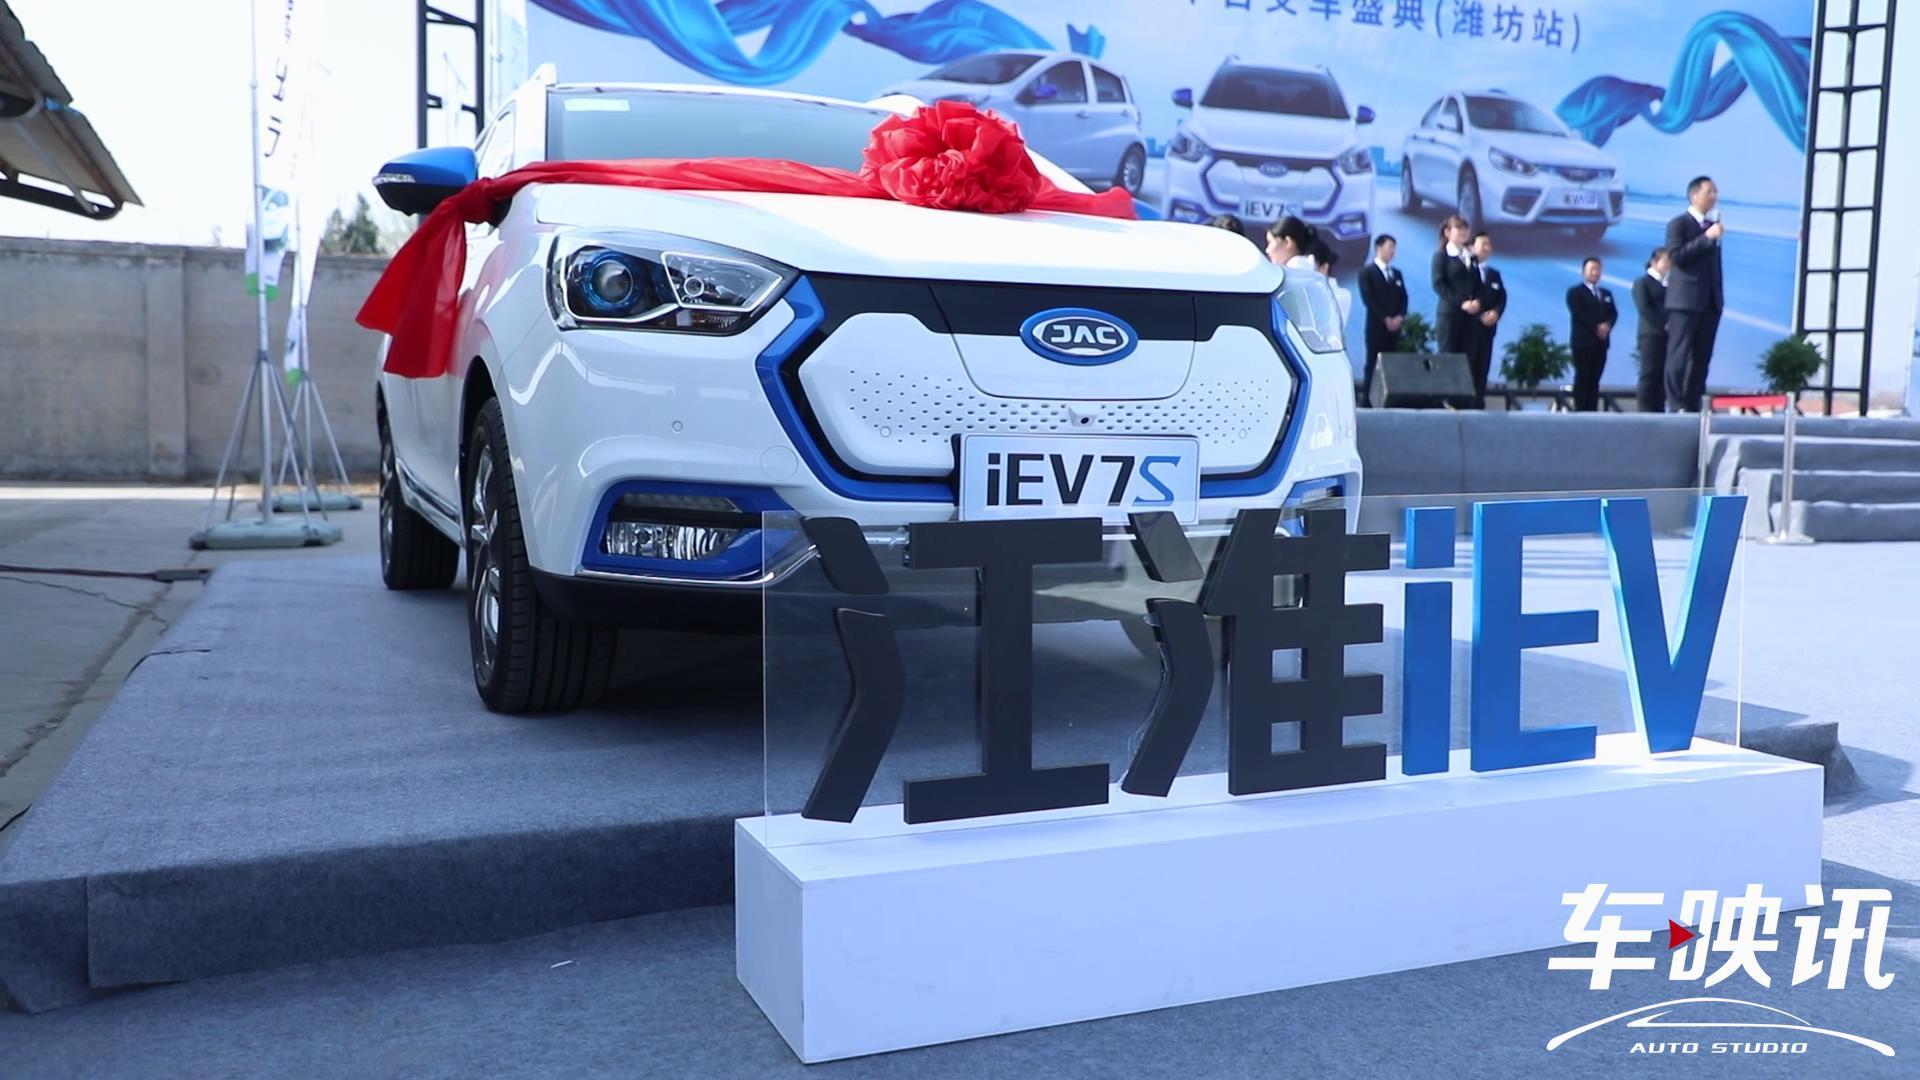 试驾纯电动小型SUV江淮iEV7S,这车太清新脱俗了!